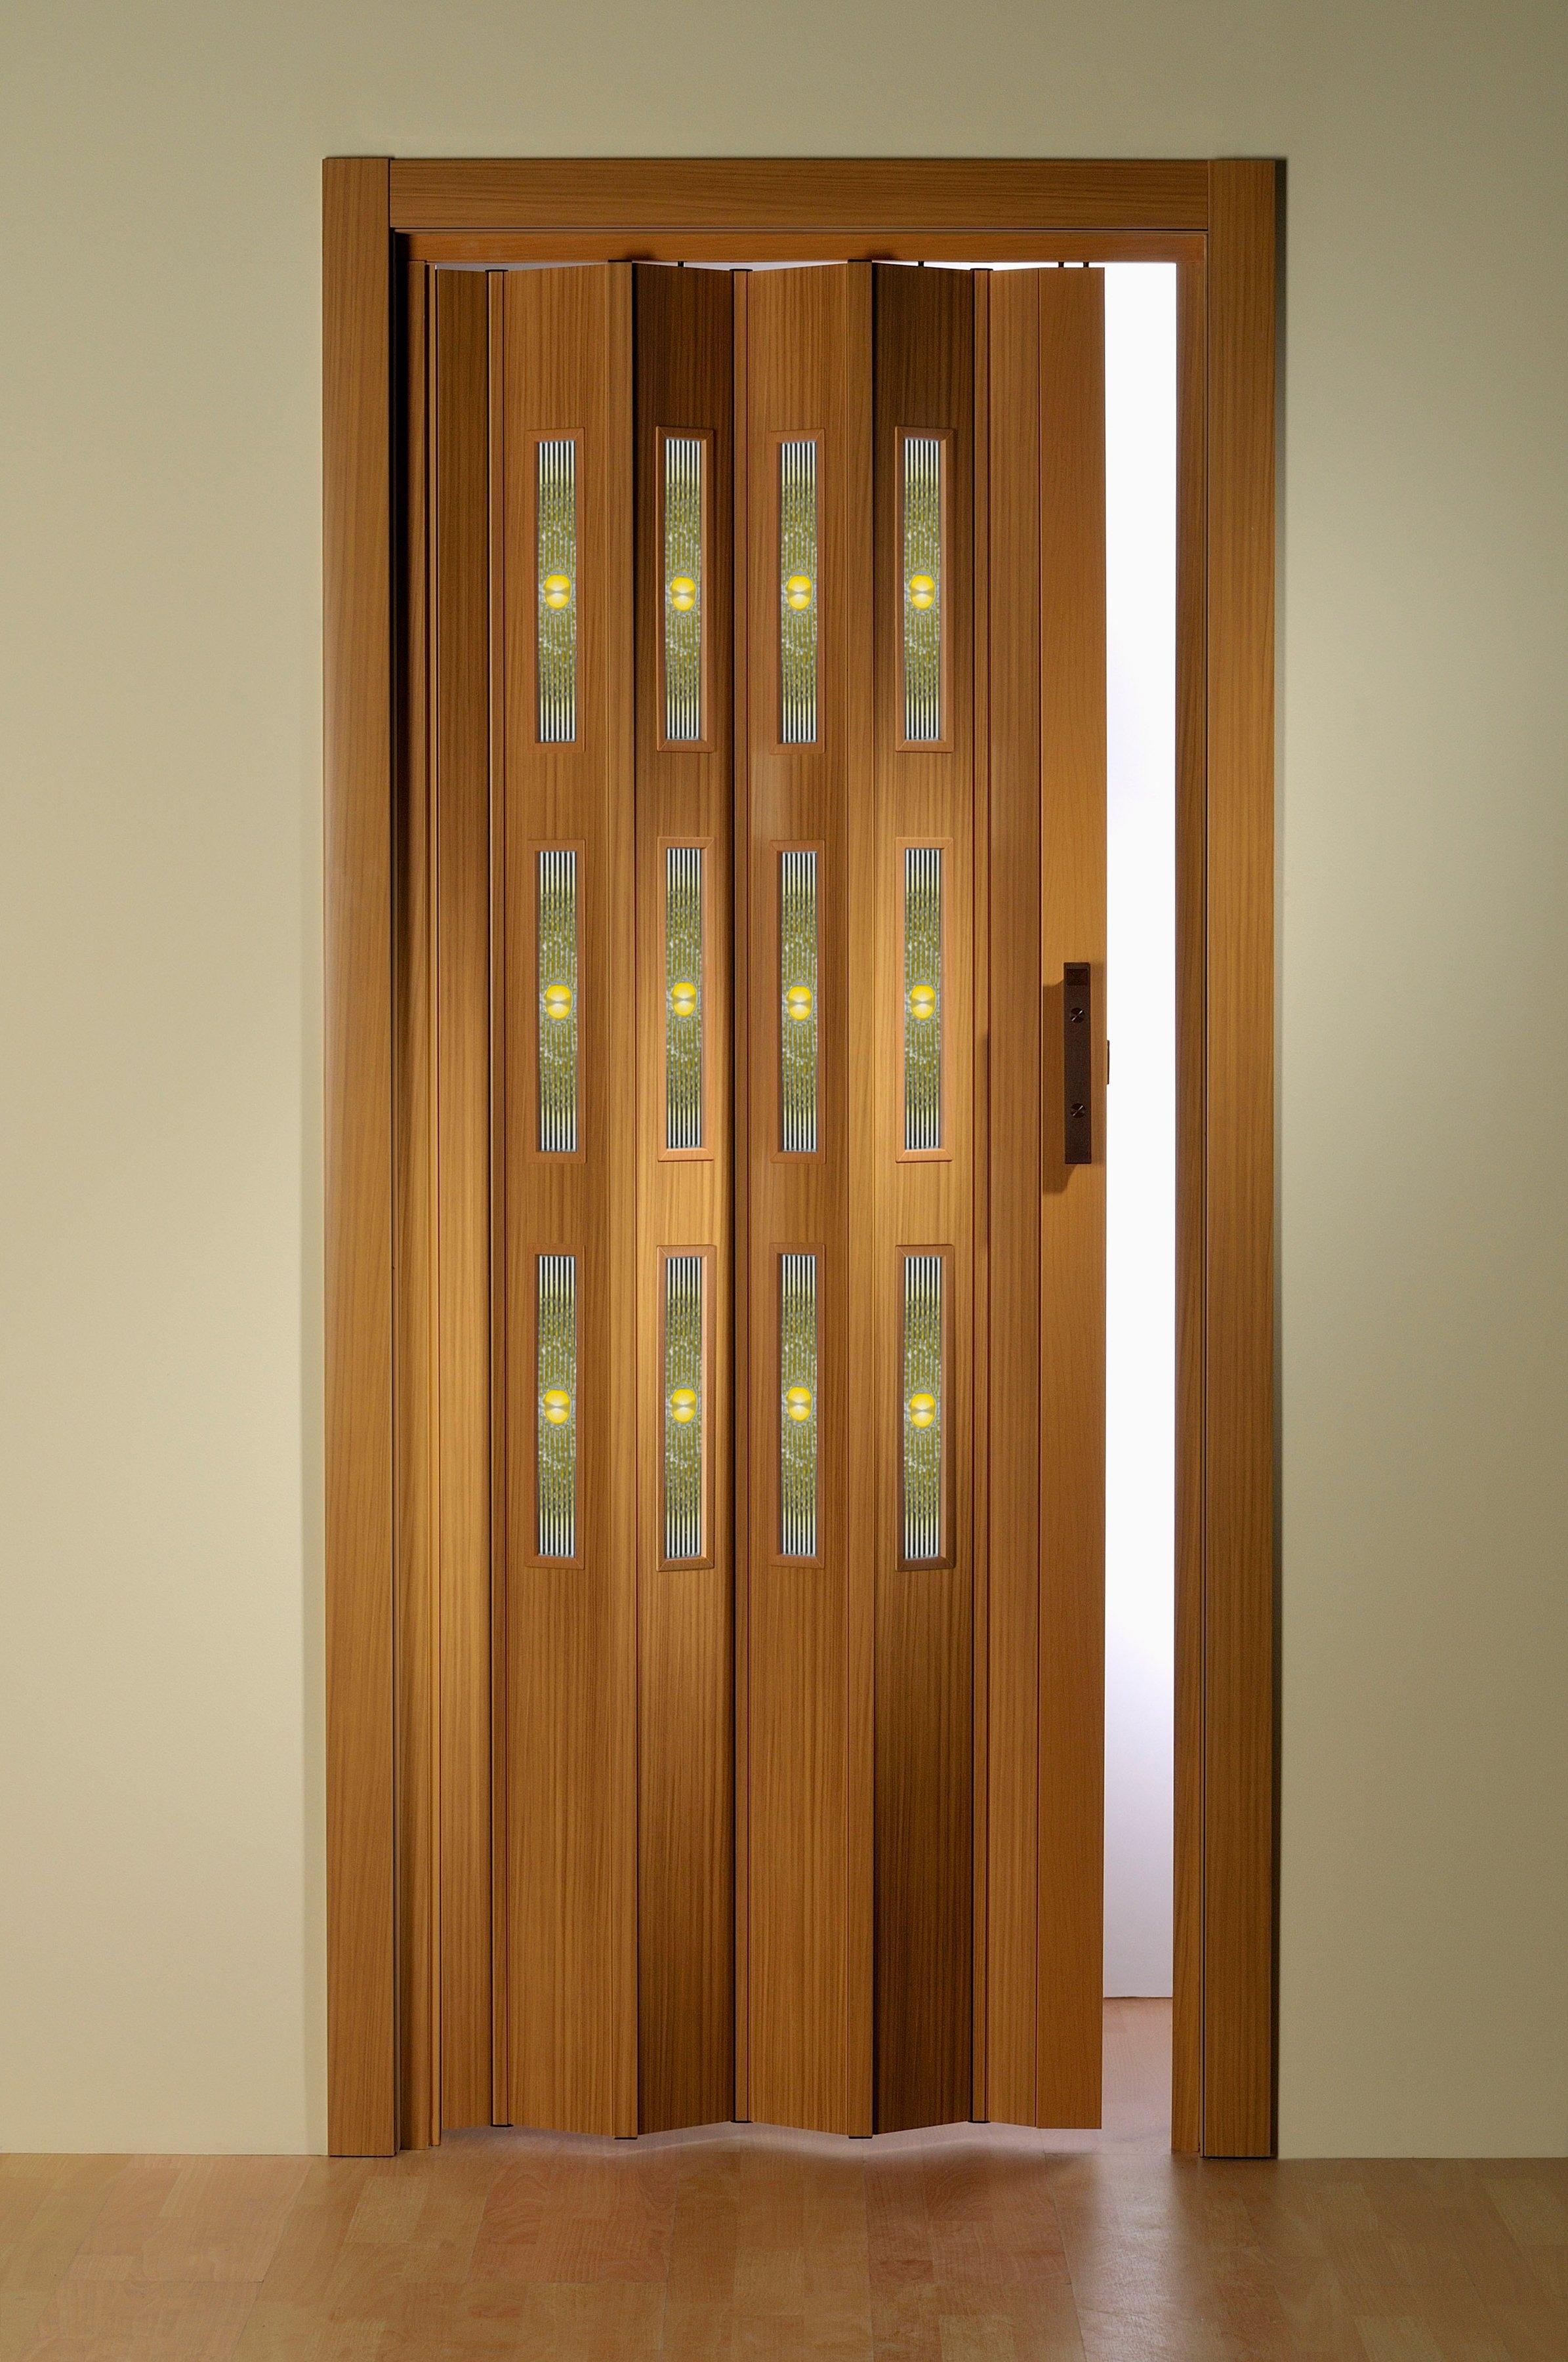 Op zoek naar een Kunststof vouwdeur »Decor 3 Sole«, Bxh: 88,5x202 cm, beukenkleur met motief in raam? Koop online bij OTTO